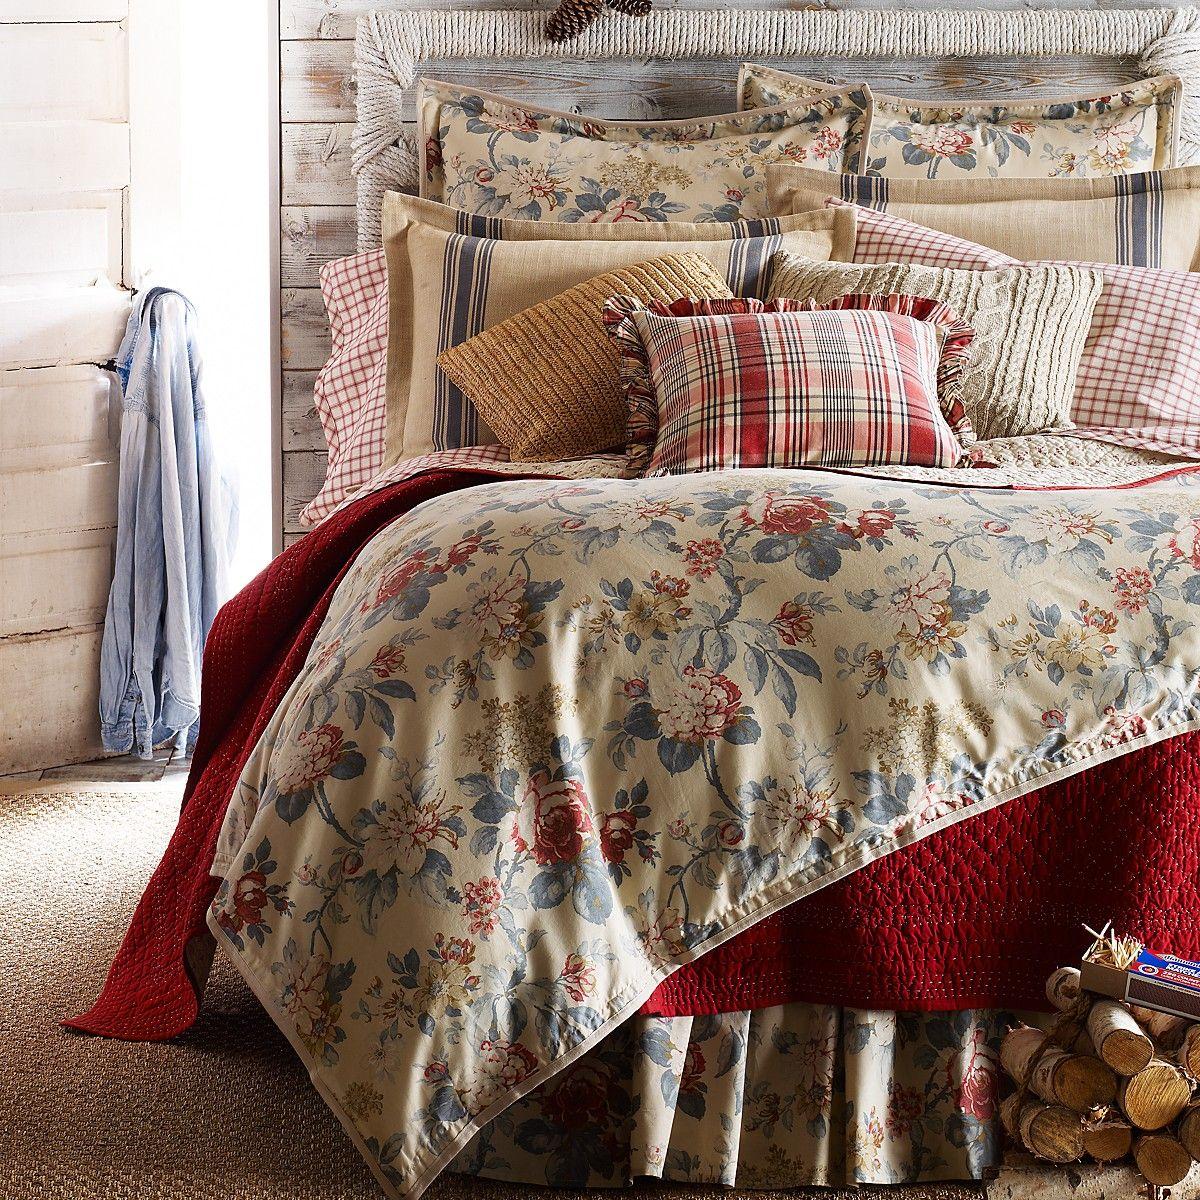 Ralph Lauren bedding